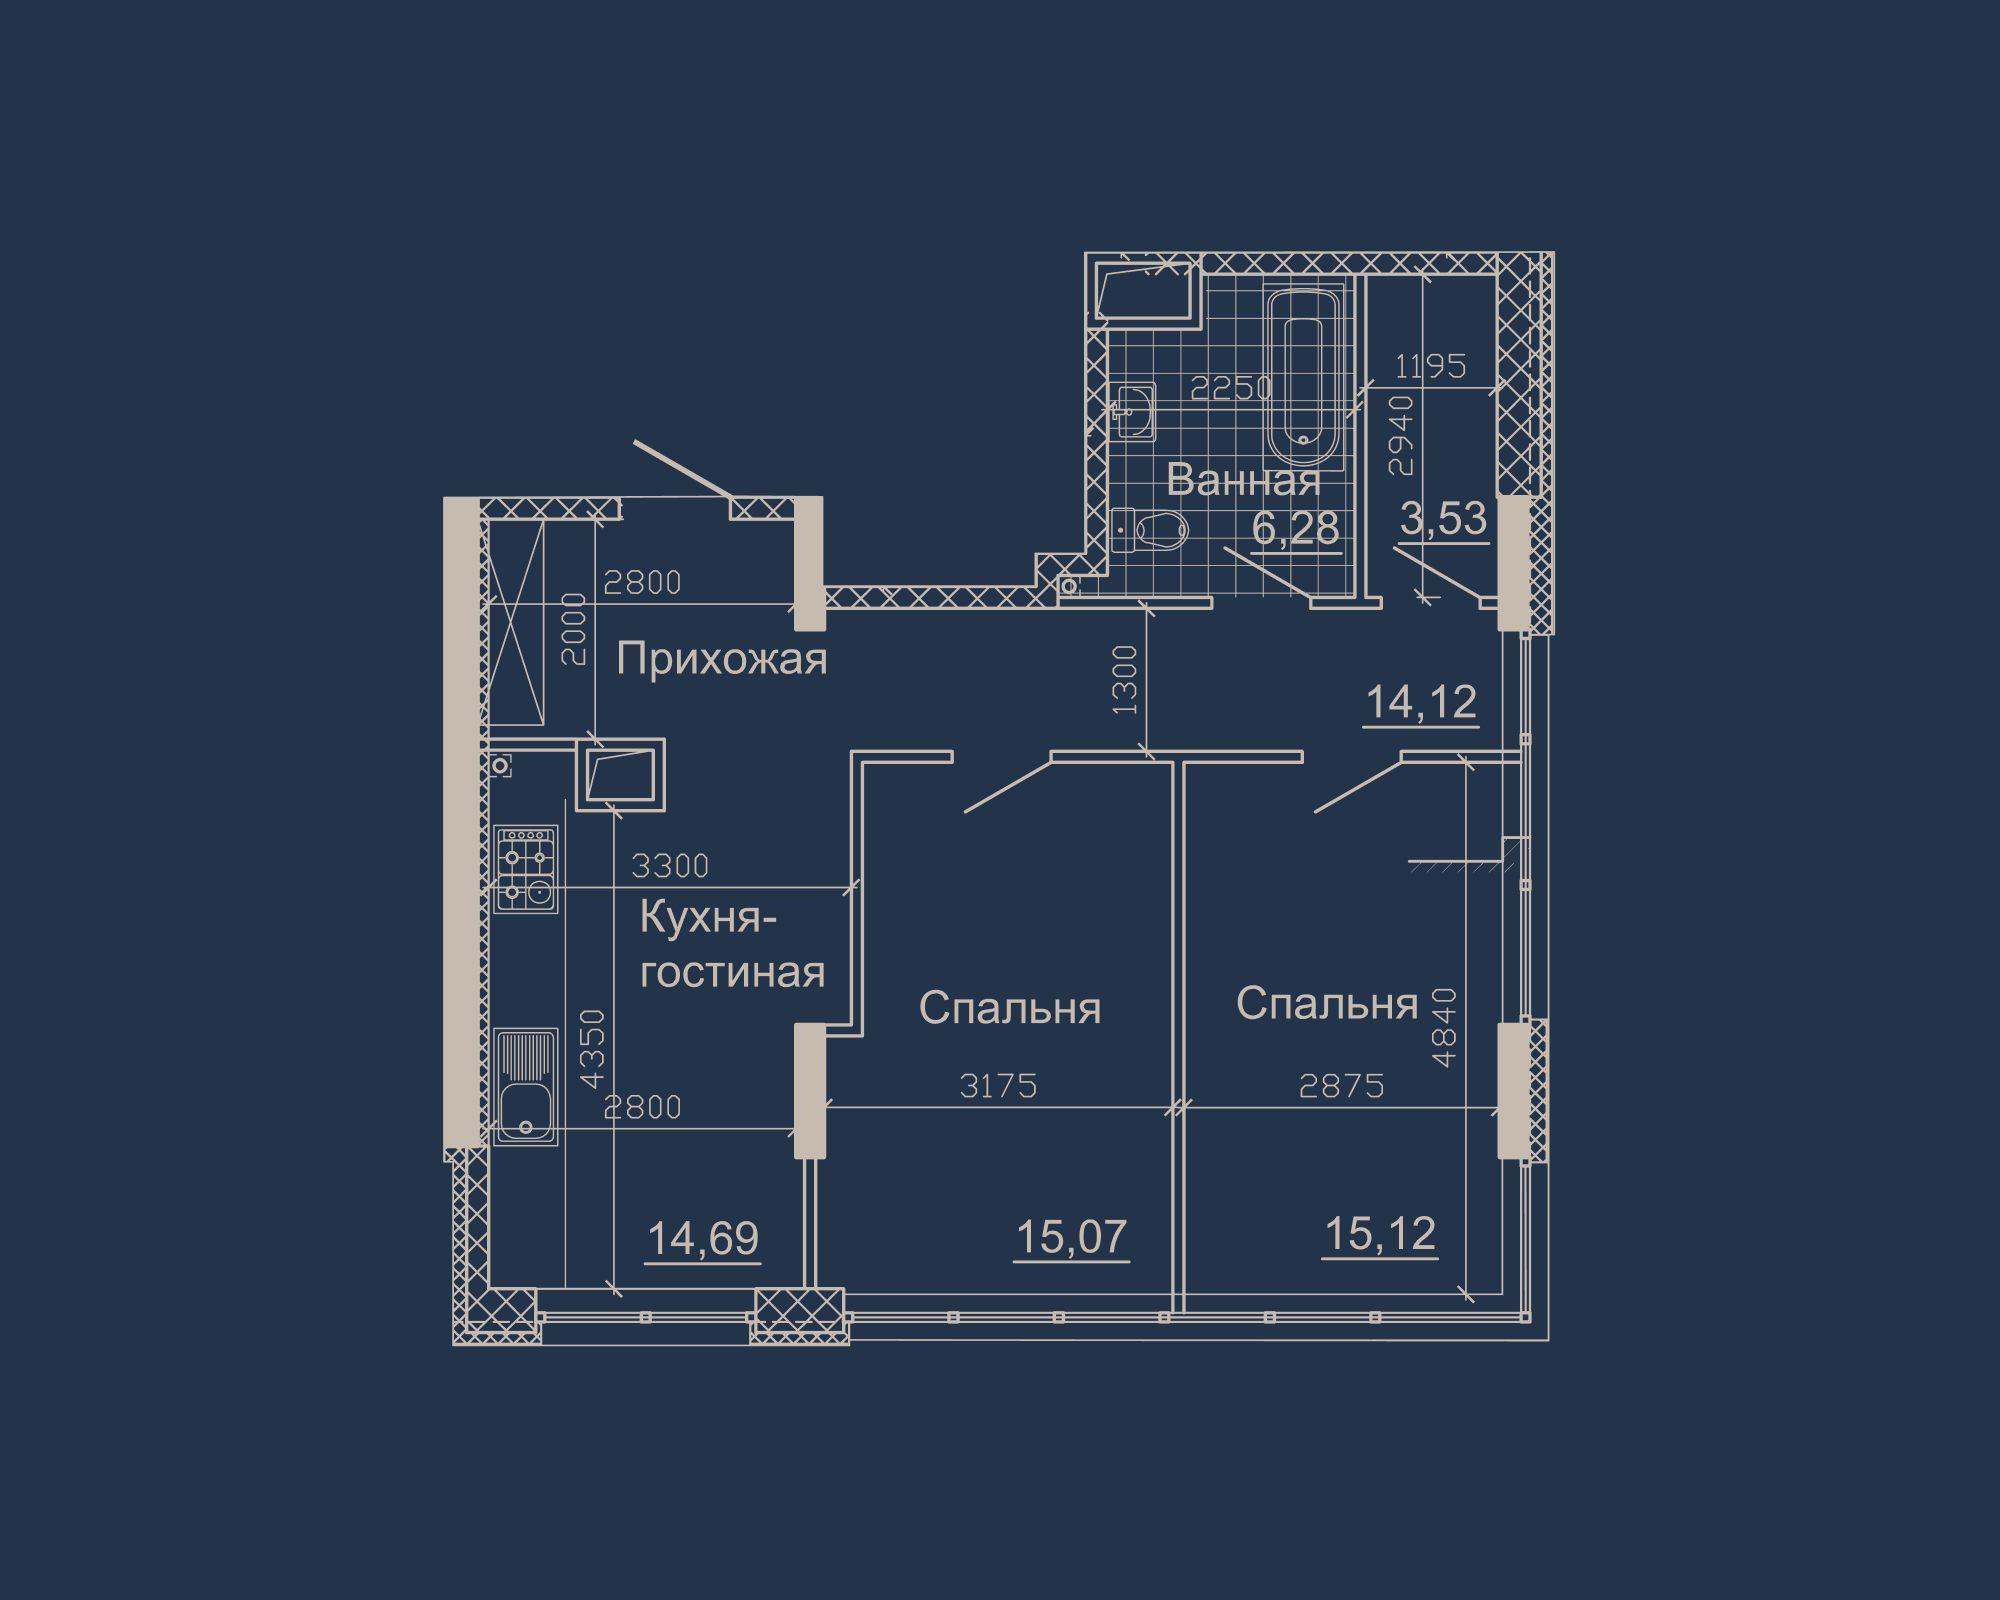 2-кімнатна квартира типу 12Б у ЖК Nebo